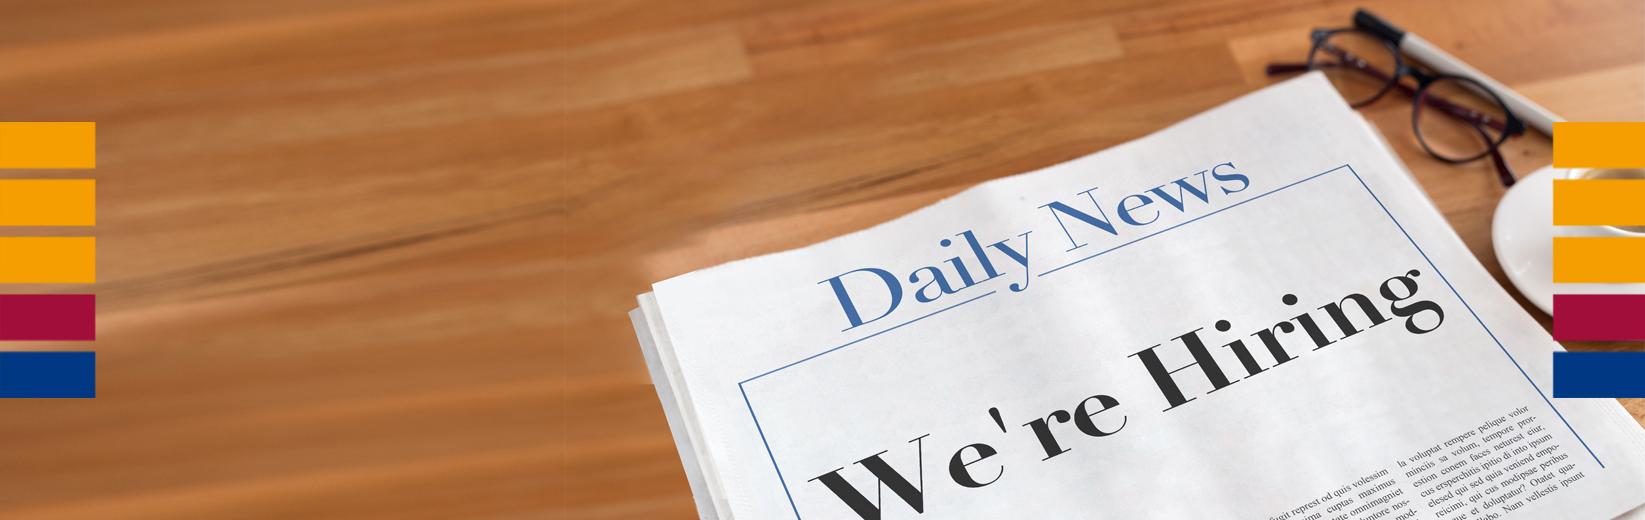 index-AD-Header-White-Paper-Stellenanzeigen